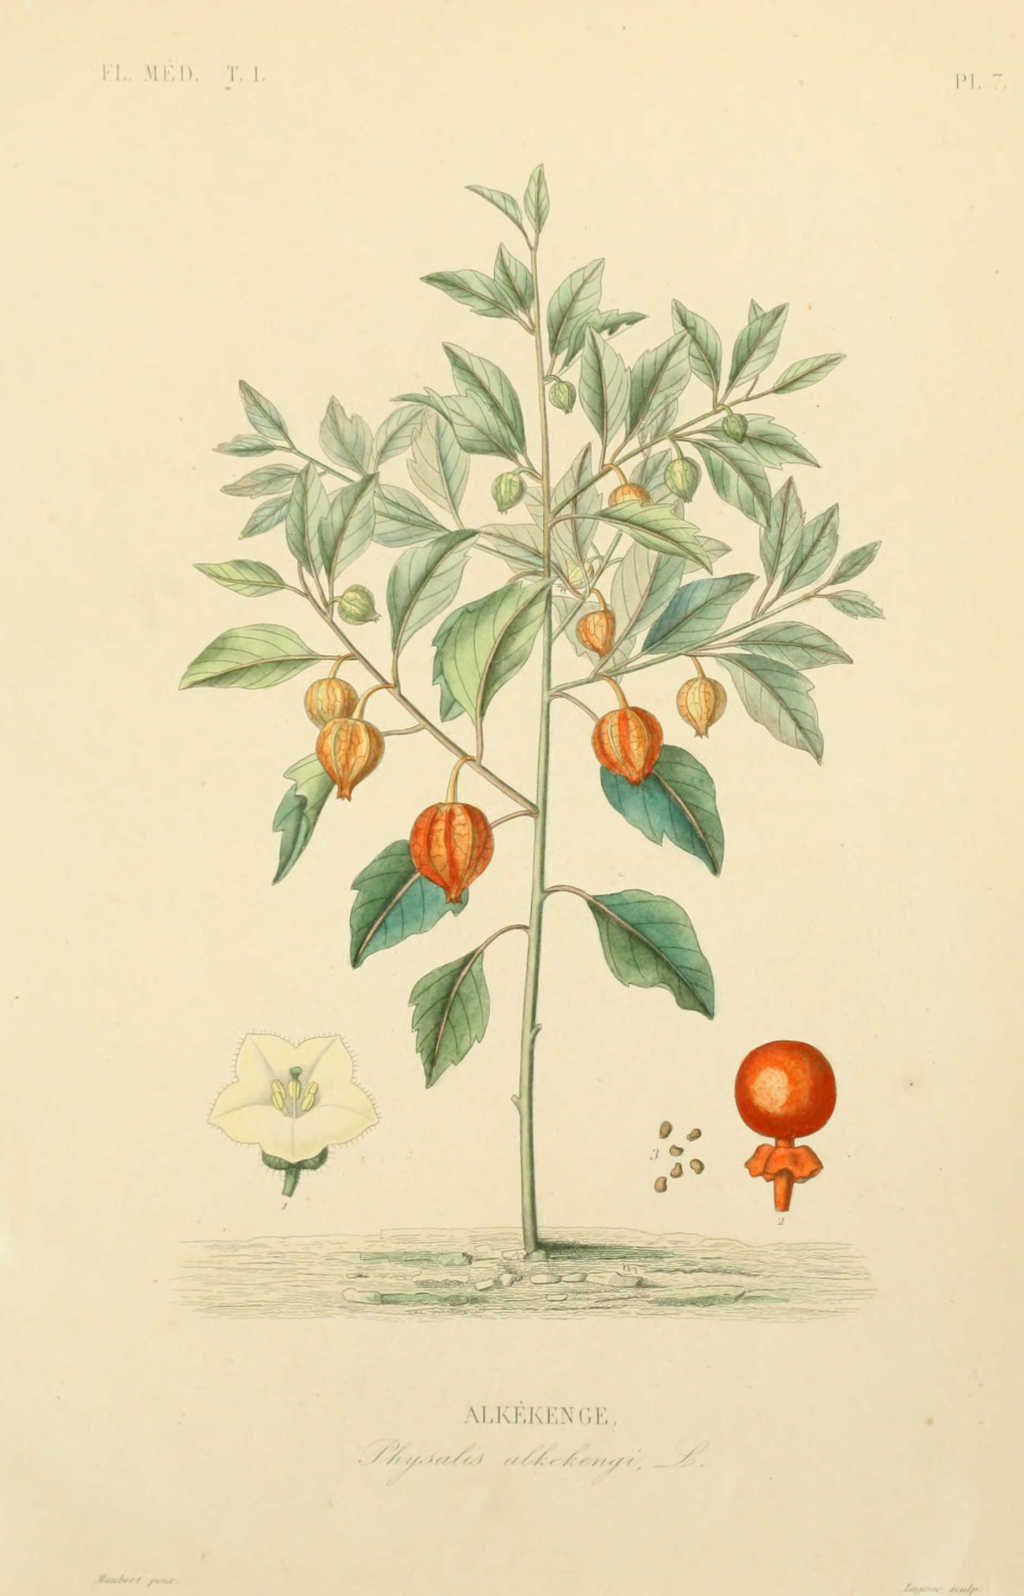 Img Dessins Plantes Medicinales Alkekenge Physalis Alkekengi Jpg